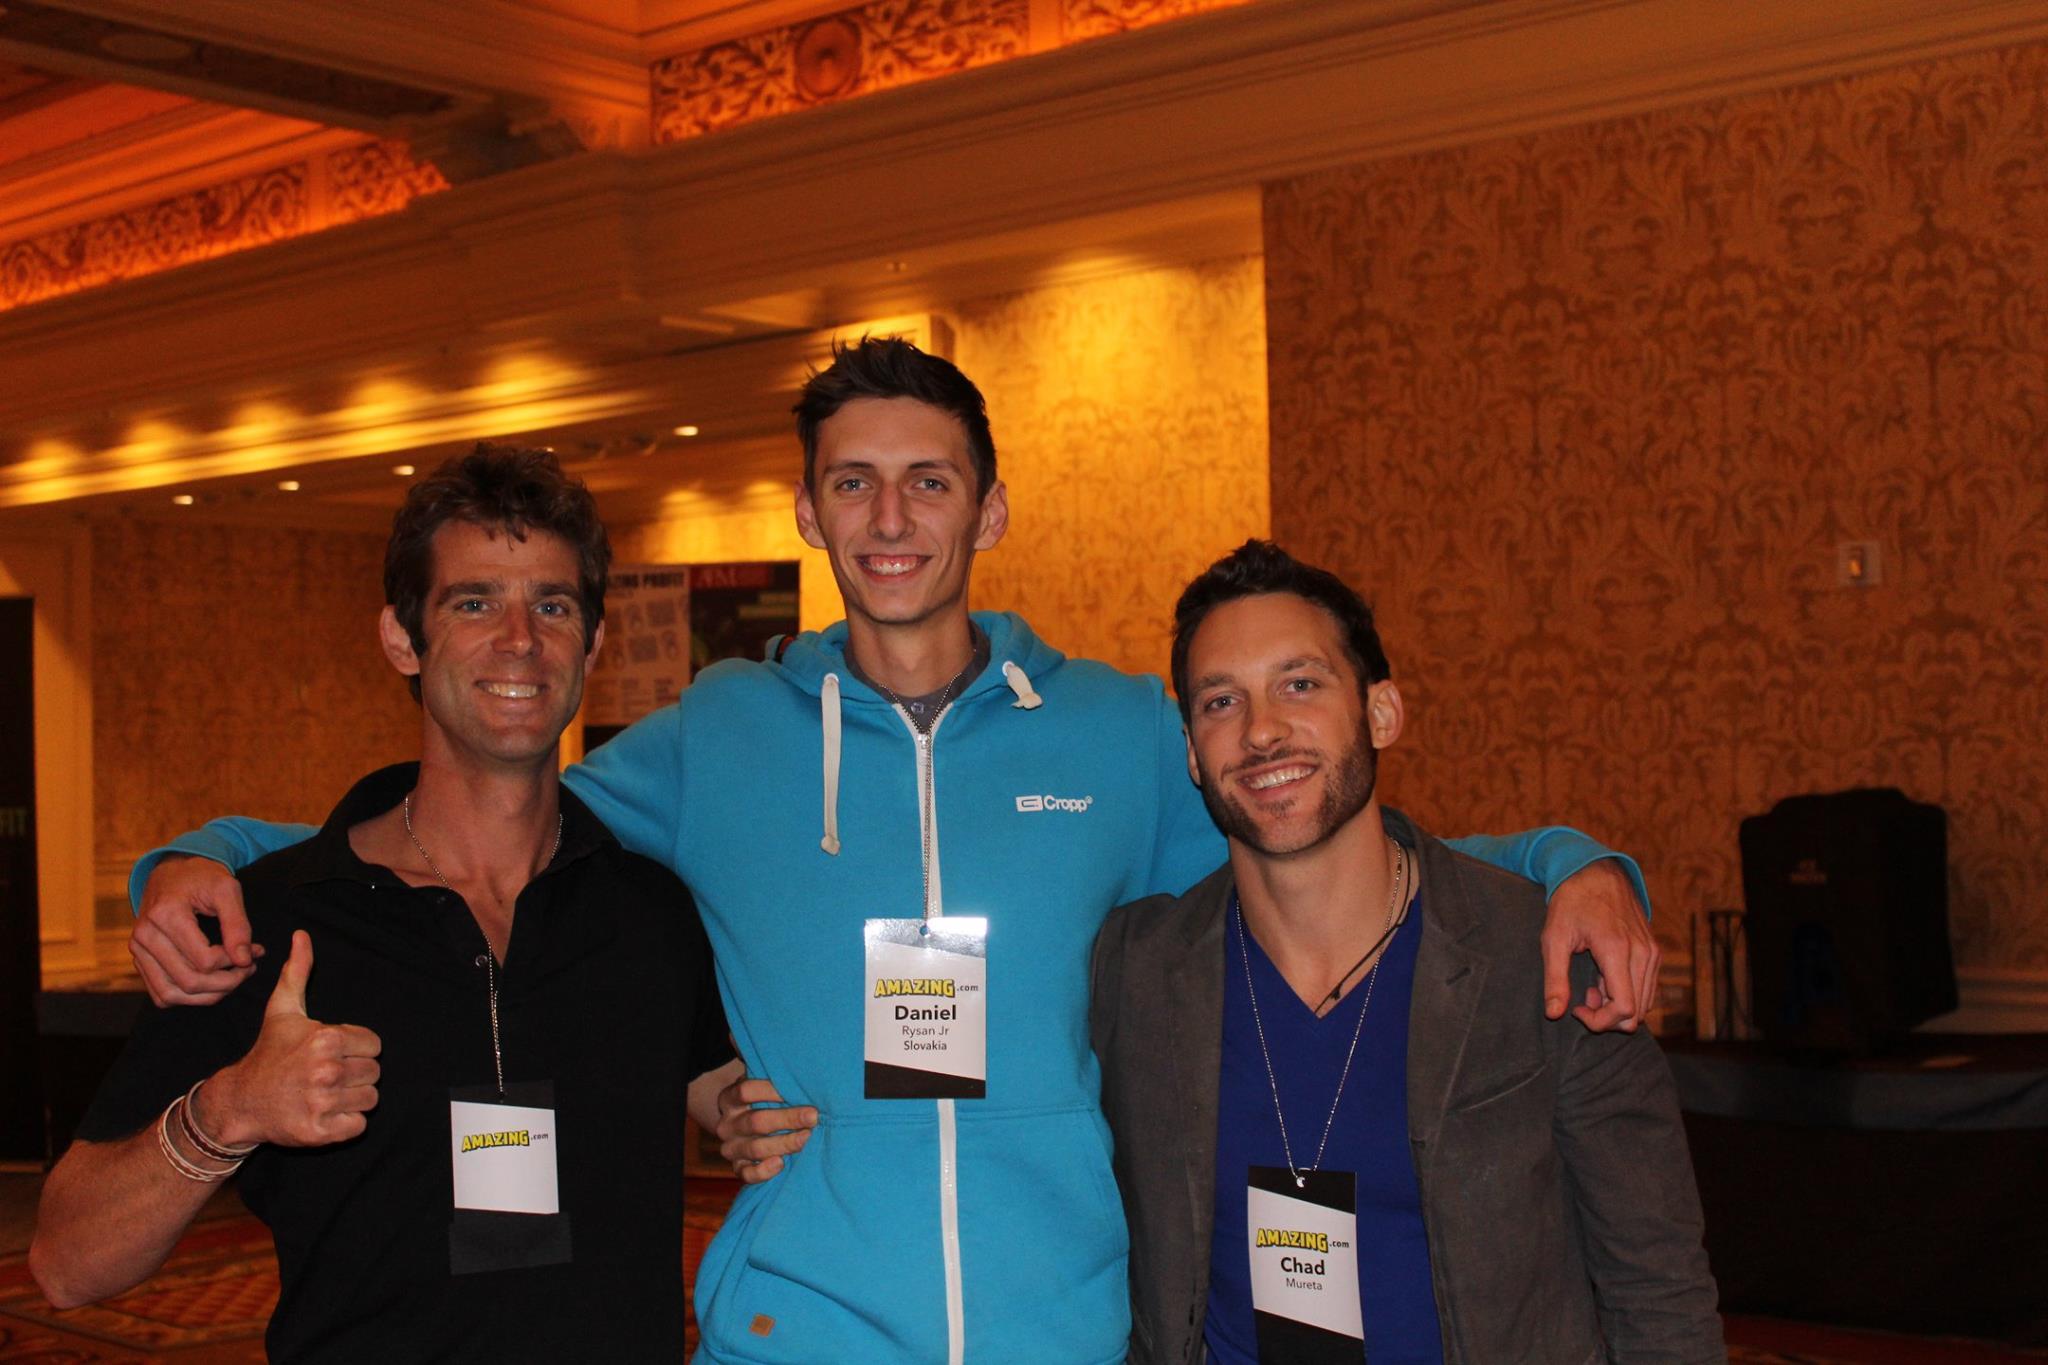 Daniel Rysan, Chad Mureta and Carter Thomas in Las Vegas